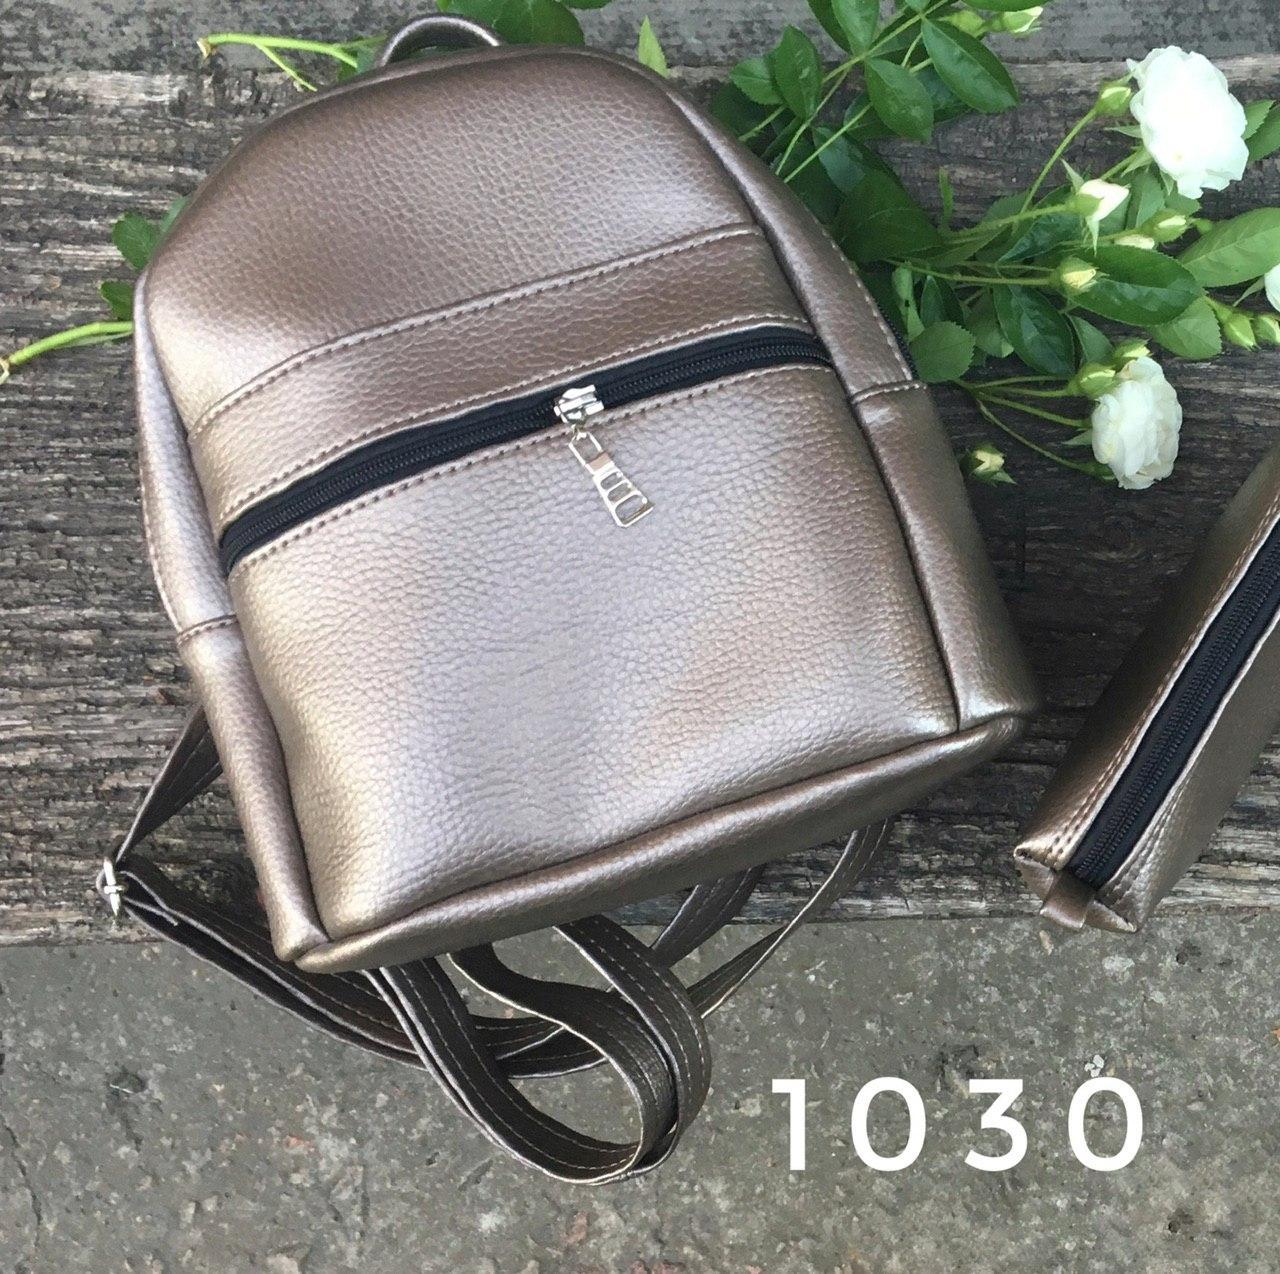 Стильный женский рюкзак маленький никель эко-кожа ЕСТЬ РАЗНЫЕ ЦВЕТА